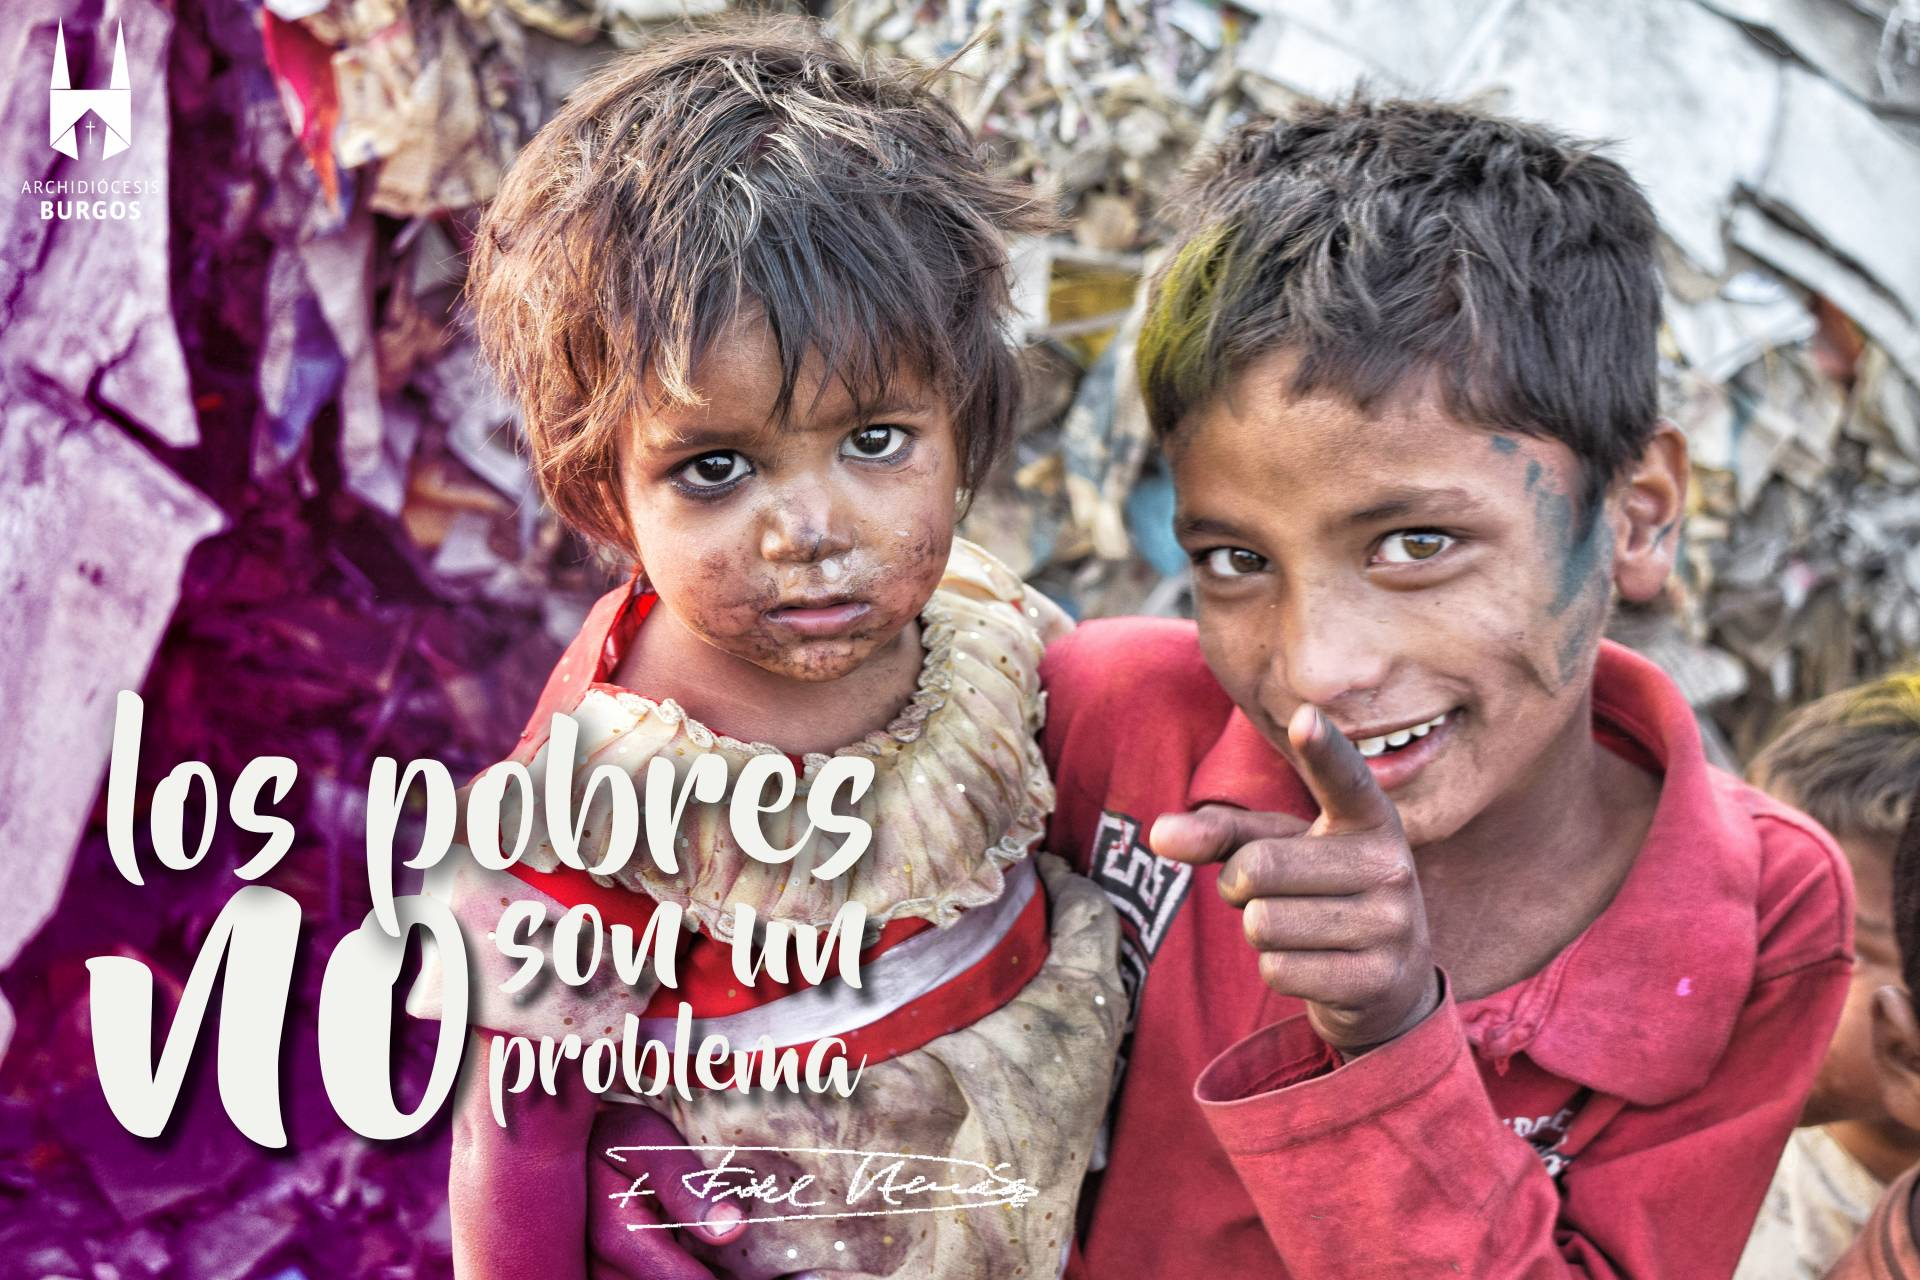 2017 11 19 arzobispo pobres